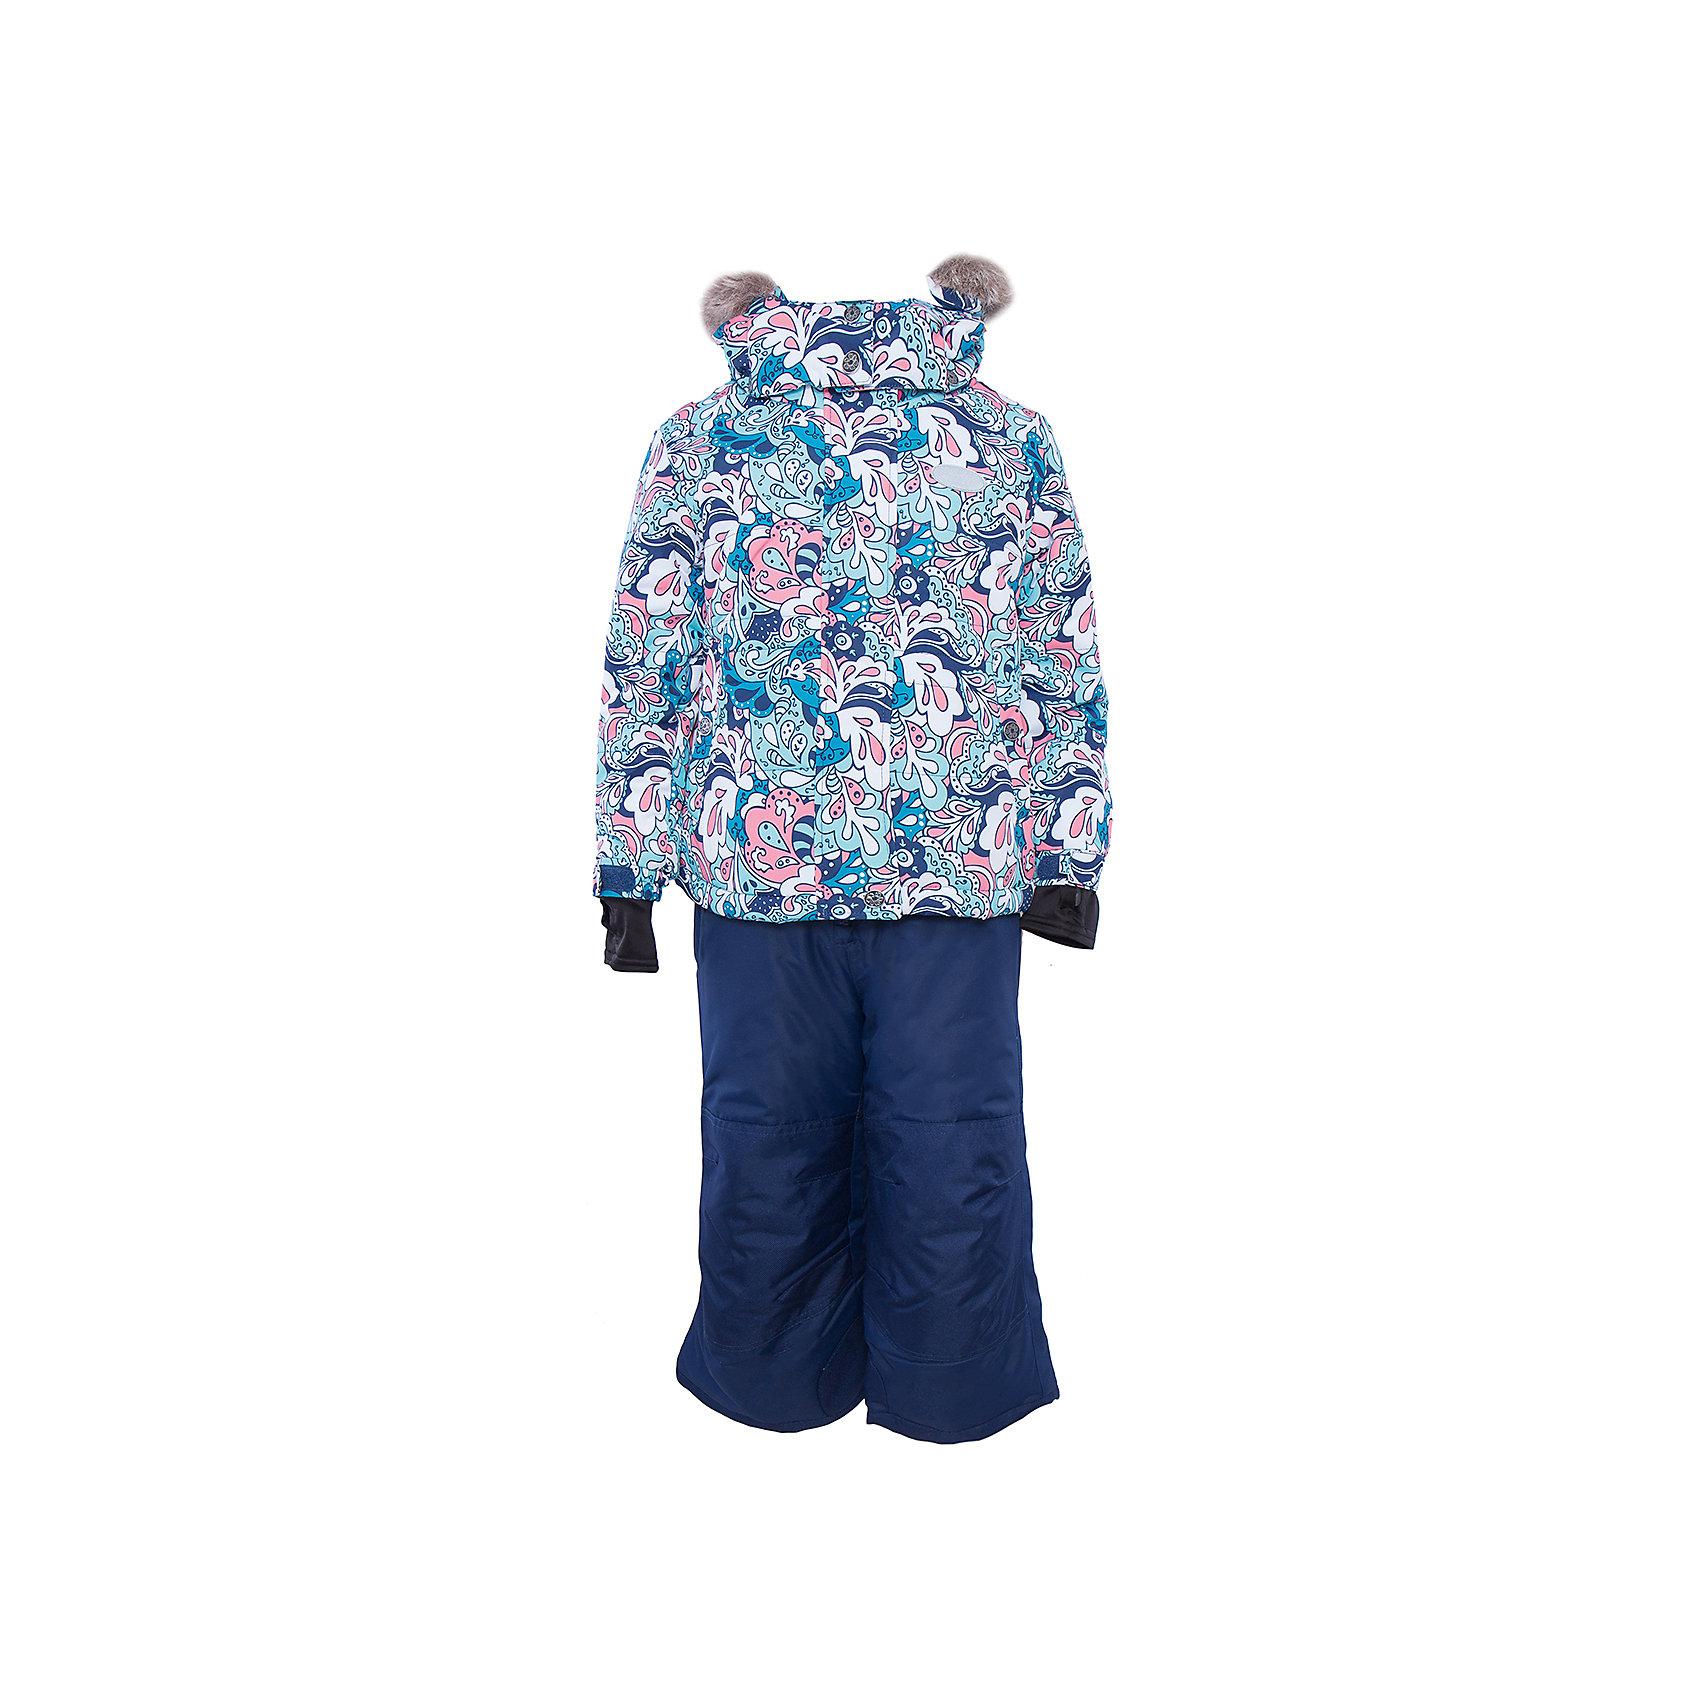 Комплект: куртка и брюки для девочки PremontКомплект: куртка и брюки для девочки от известного бренда Premont.<br>Один из самых популярных восточных орнаментов основан на базовом элементе в форме капли или «огурца» - носит название «Пейсли». Название это онполучил благодаря одноименному Шотландскому городку, где и сосредоточилось основное производство тканей. «Пейсли» ежегодно вдохновляет дизайнеров всего мира на создание новых орнаментов, и команда Premont – не исключение.<br>Состав:<br>Ткань верха: мембрана 5000мм/5000г/м2/24h, Taslan<br>Подклад: Polarfleece (тело, капюшон, манжеты), Taffeta (брюки, рукава, снежная юбка) Утеплитель: Tech-polyfill (куртка 280г, брюки 180г)<br><br>Ширина мм: 356<br>Глубина мм: 10<br>Высота мм: 245<br>Вес г: 519<br>Цвет: синий<br>Возраст от месяцев: 18<br>Возраст до месяцев: 24<br>Пол: Женский<br>Возраст: Детский<br>Размер: 98,100,104,110,116,120,122,128,140,152,92,164<br>SKU: 4996773